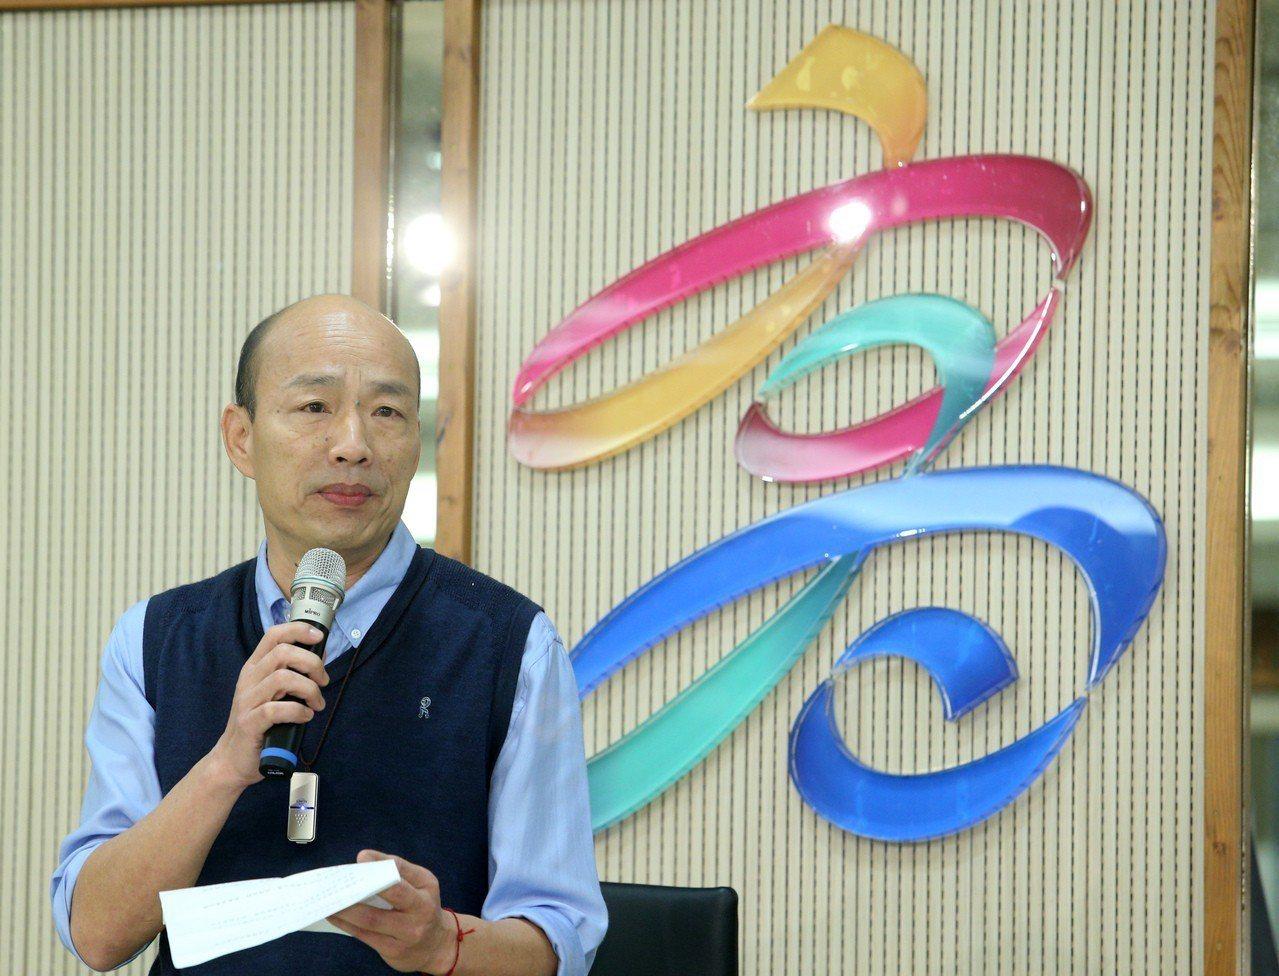 高雄市長韓國瑜上午發表聲明透露他無法參與現行國民黨的初選機制。記者劉學聖/攝影